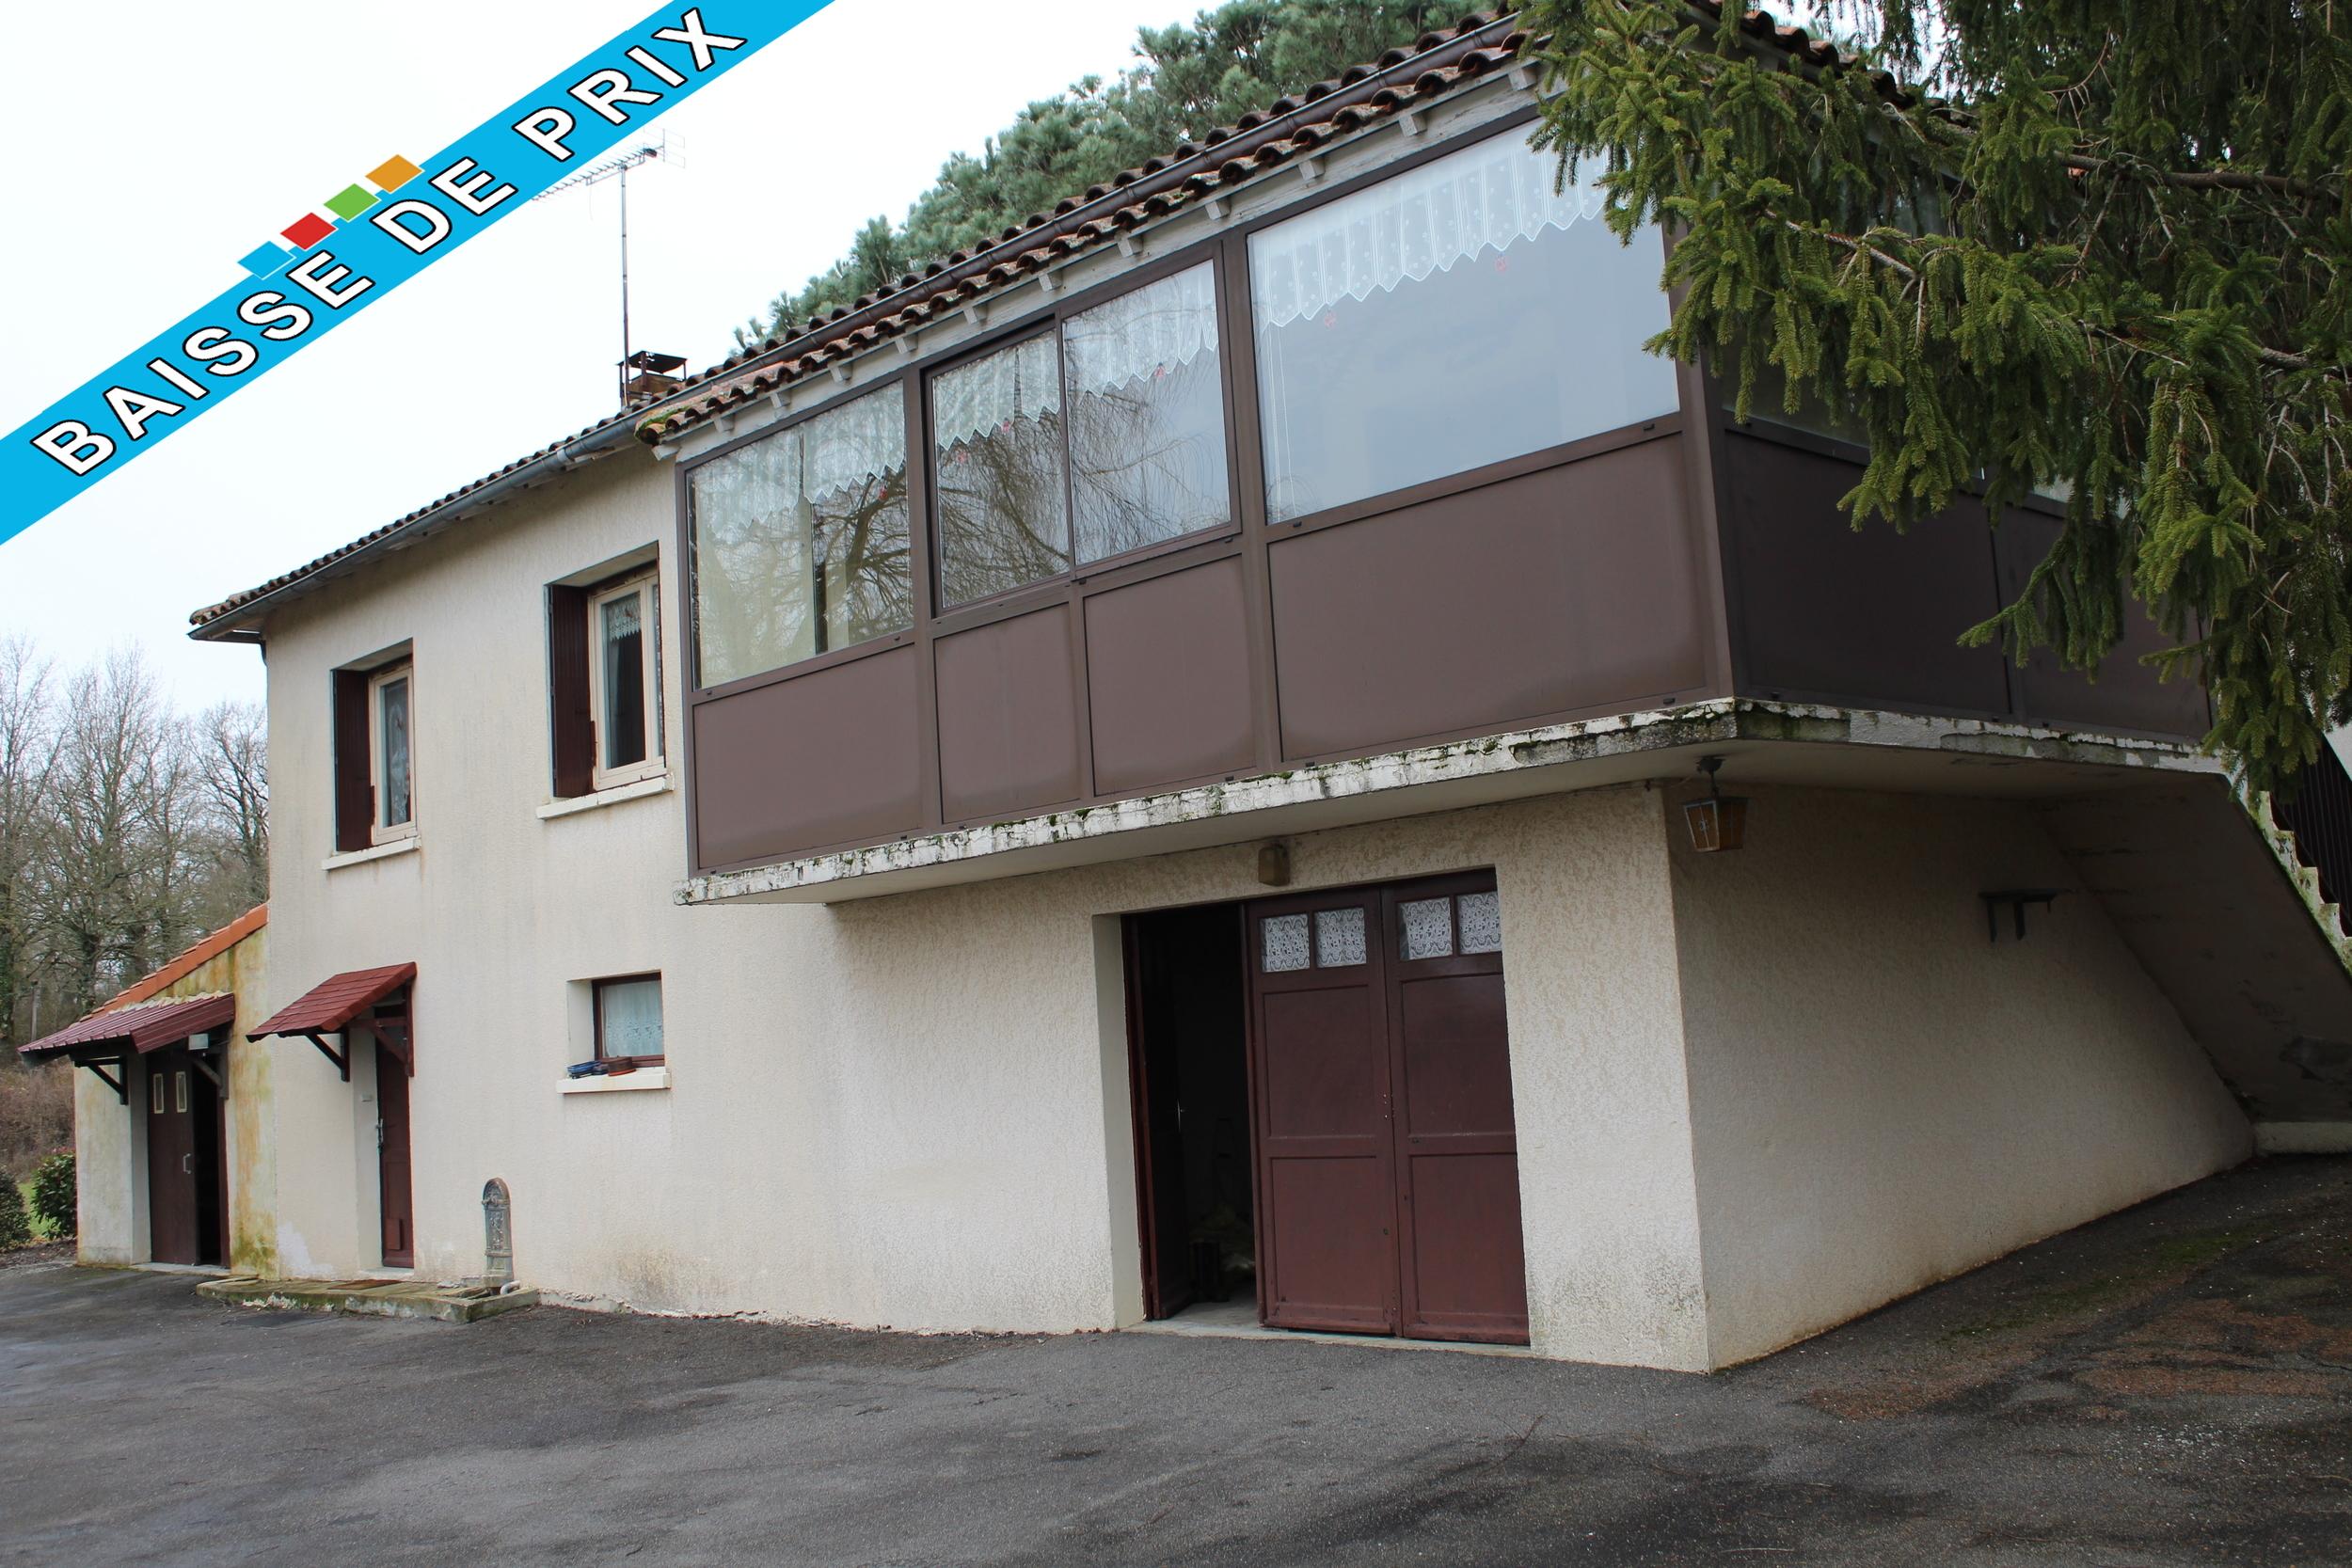 vente maison/villa 6 pièces Alloue 16490